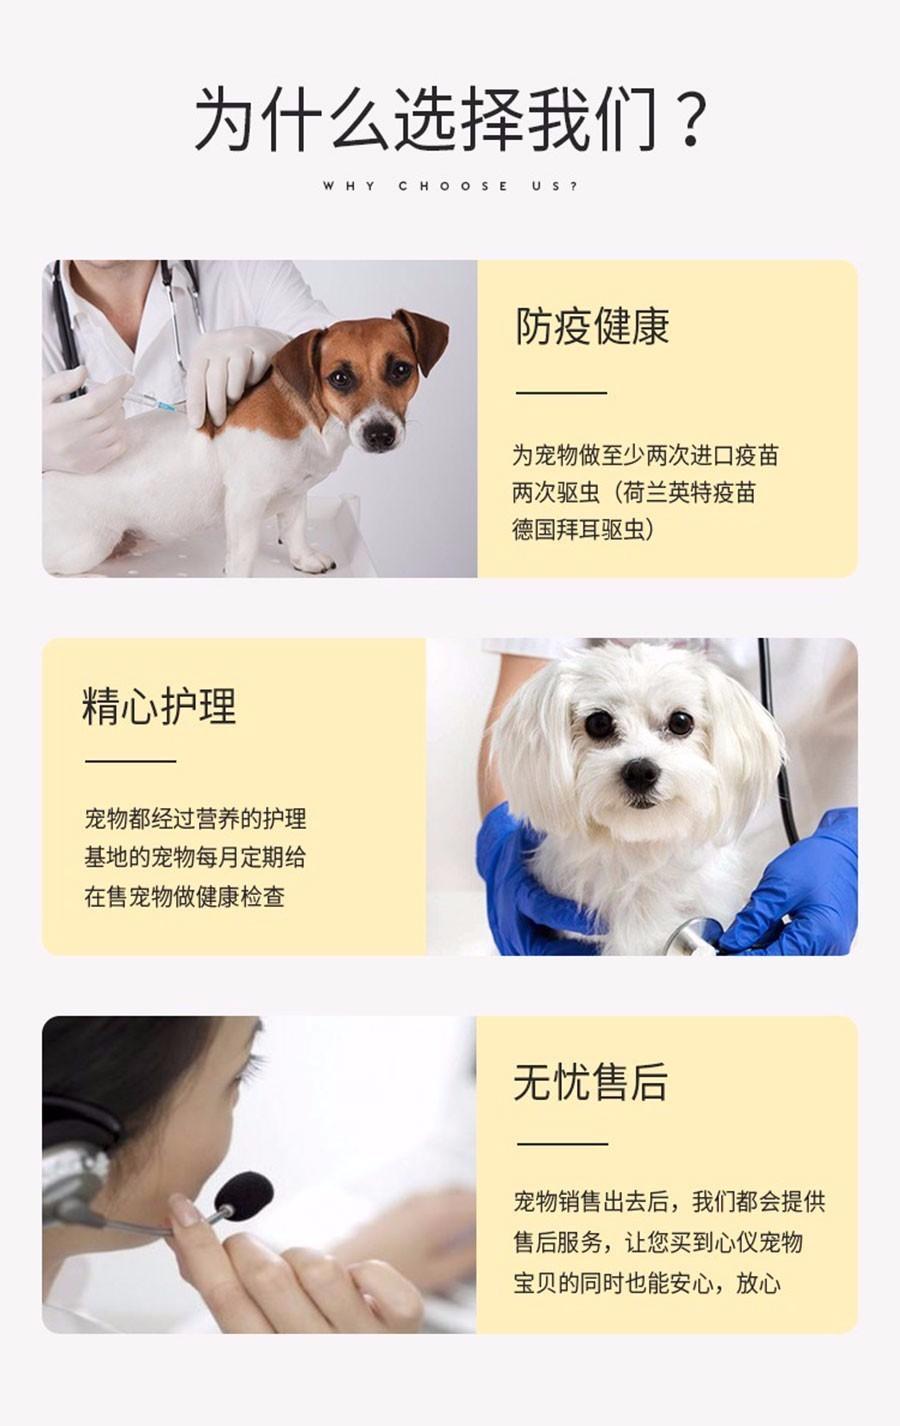 活泼可爱小巧可人的大连贵宾犬优惠出售 签订购犬协议8